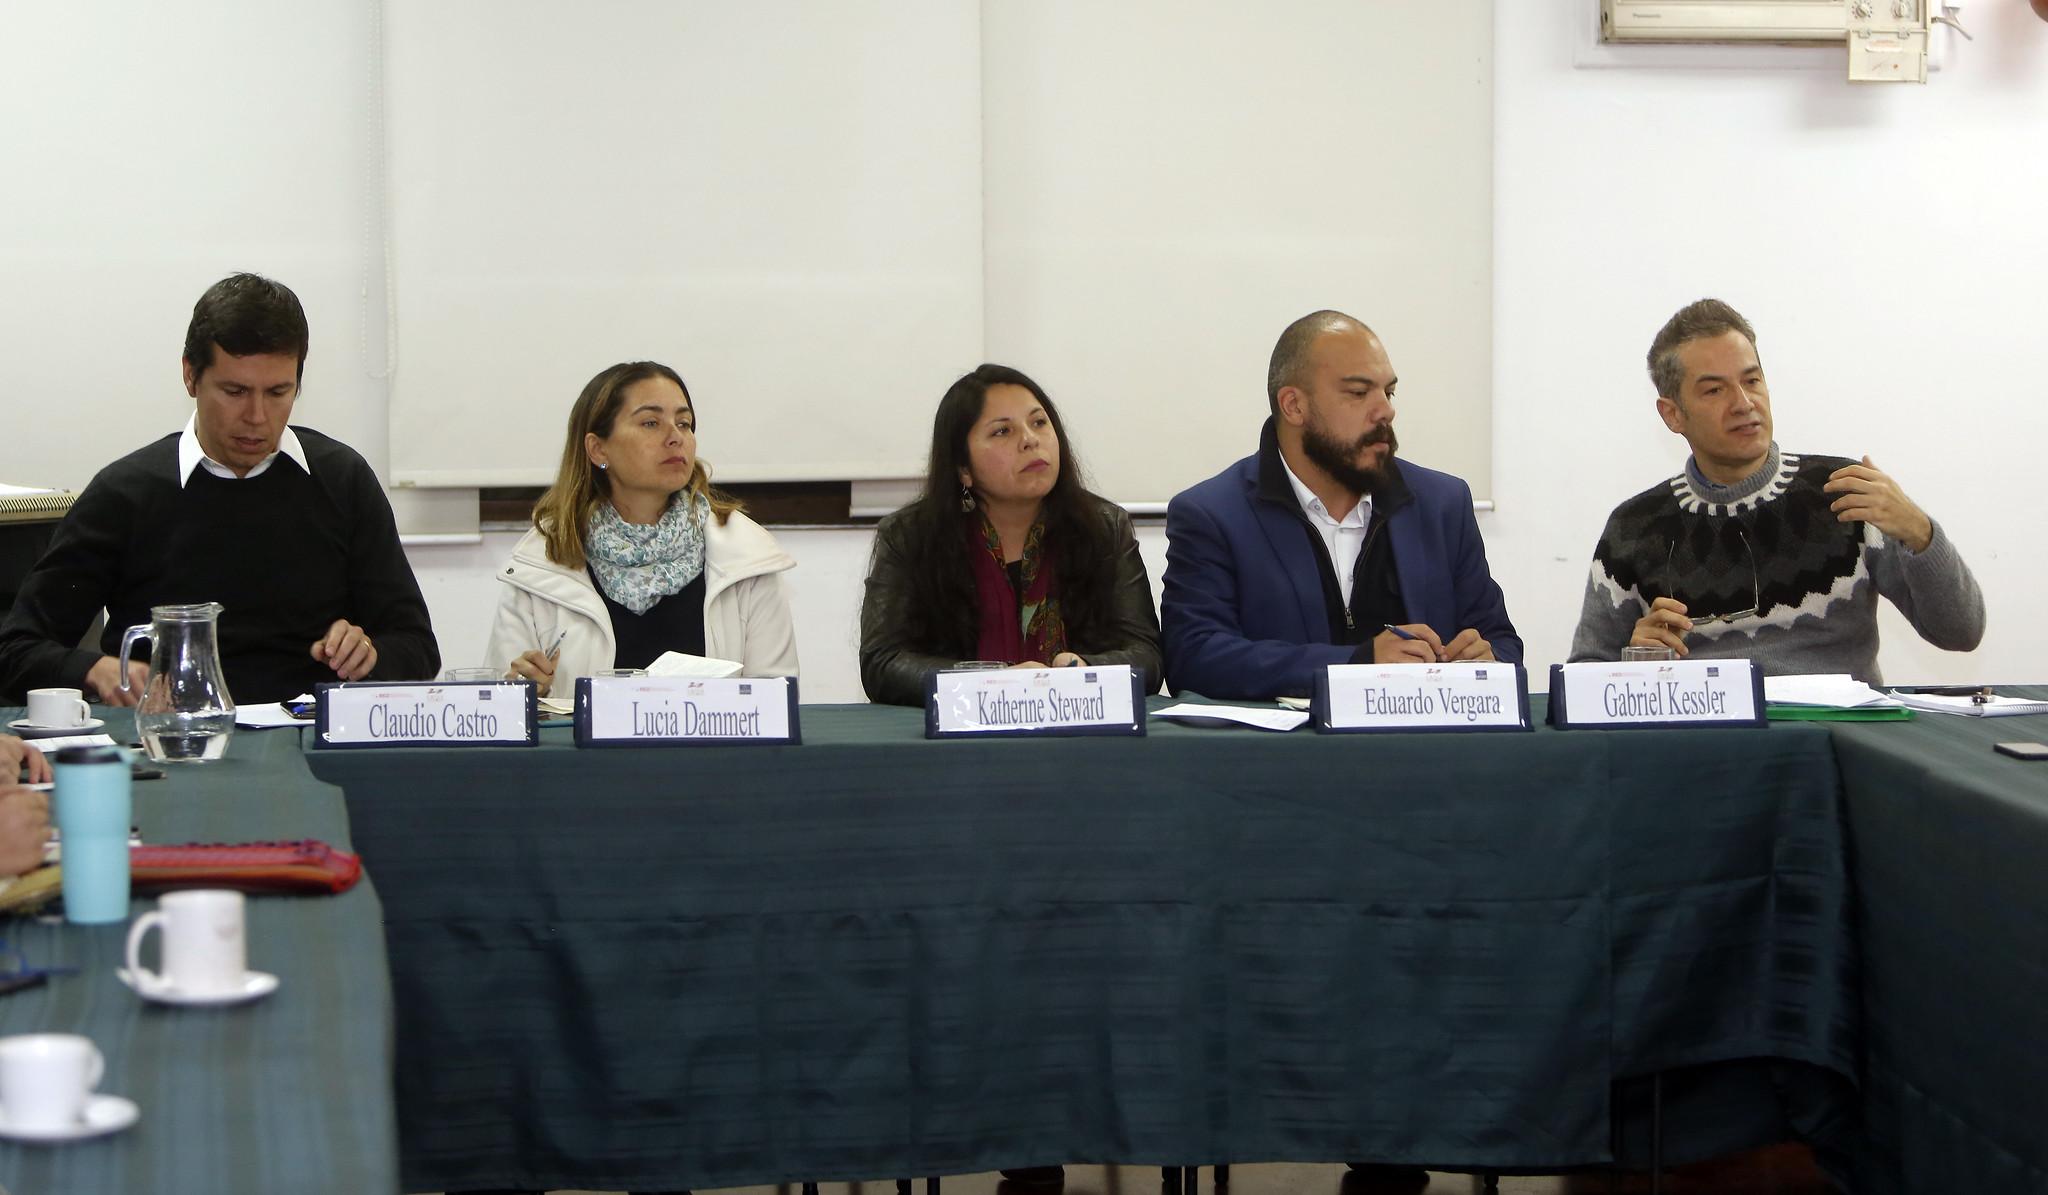 """Seminario """"Propuestas para enfrentar la violencia y la delincuencia"""" en Chile 21"""